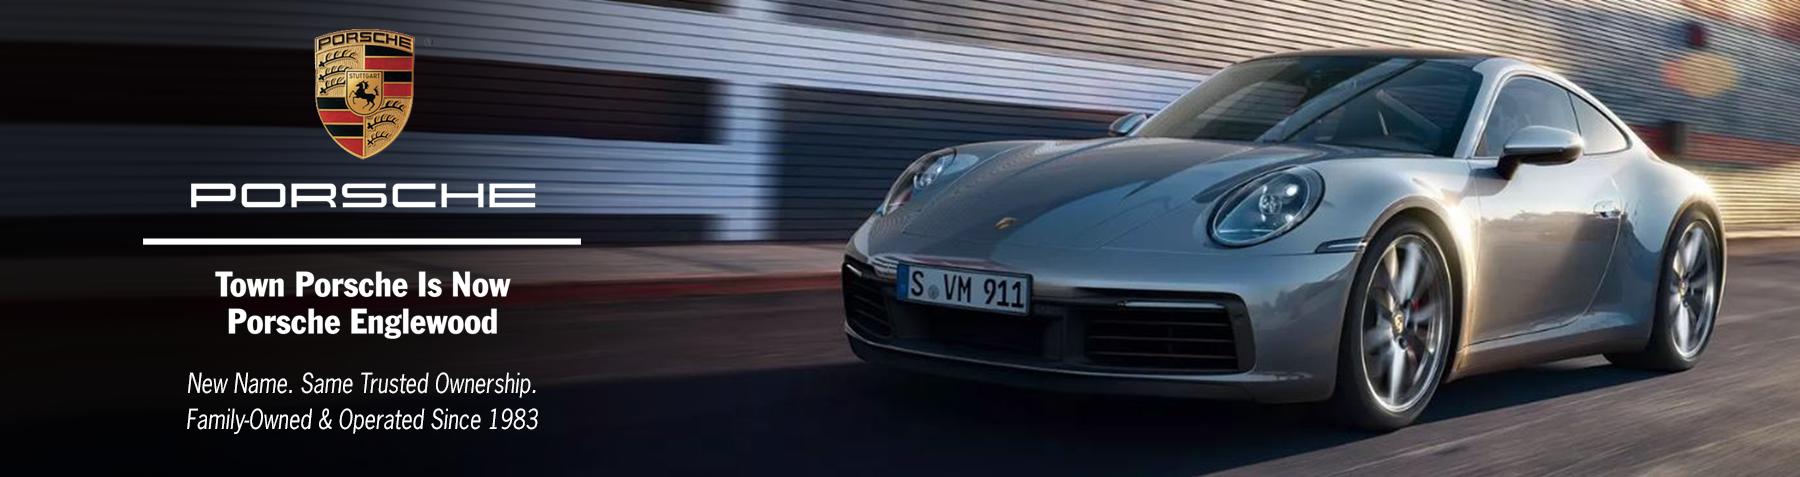 Town Porsche Is Now Porsche Englewood